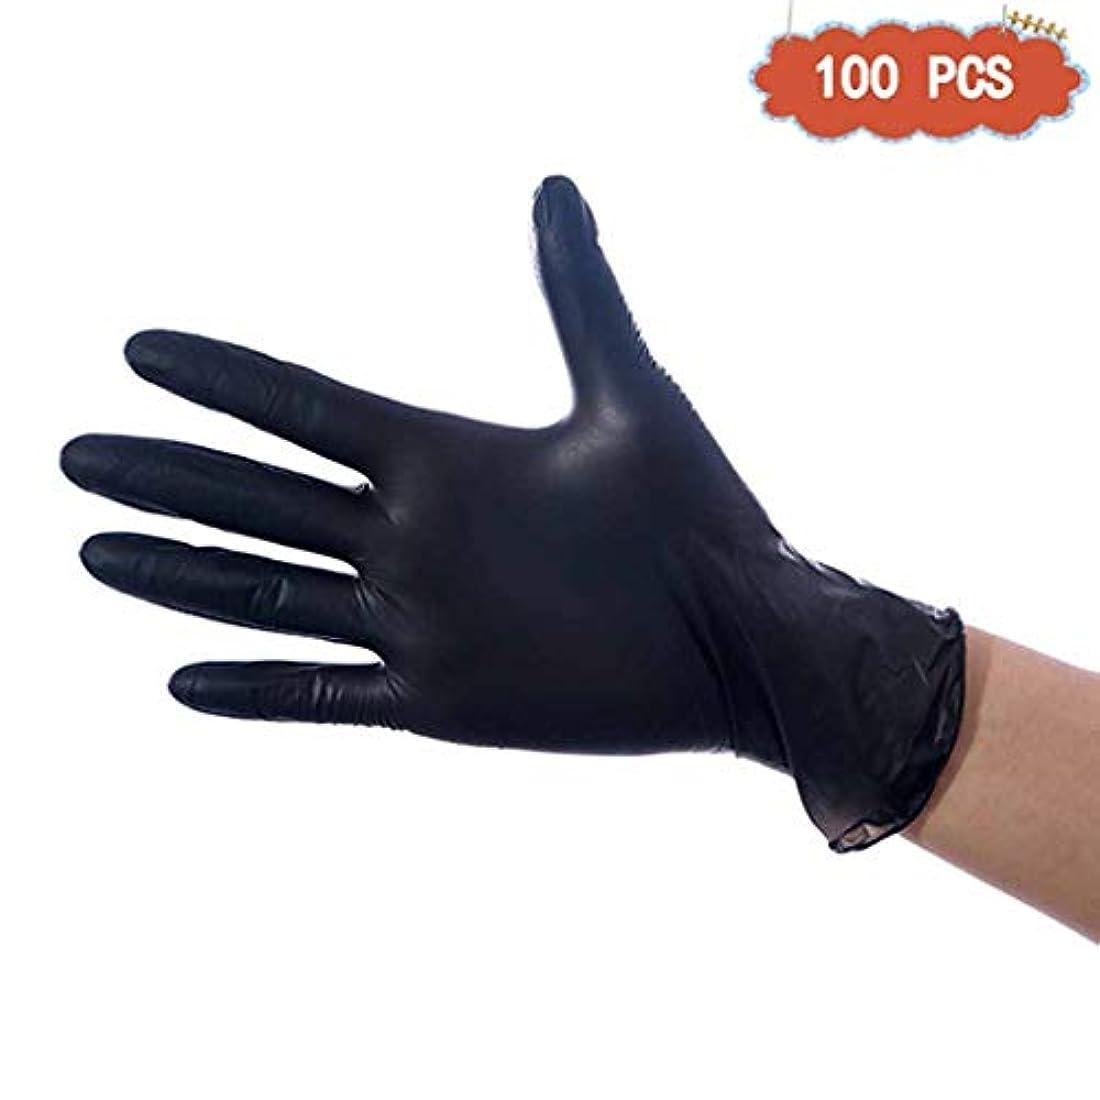 登録するバーター酒ニトリル手袋手袋9インチネイルアートブラックニトリル保護手袋キッチンシェフオイルラテックスフリー、パウダーフリー、100個 (Size : M)